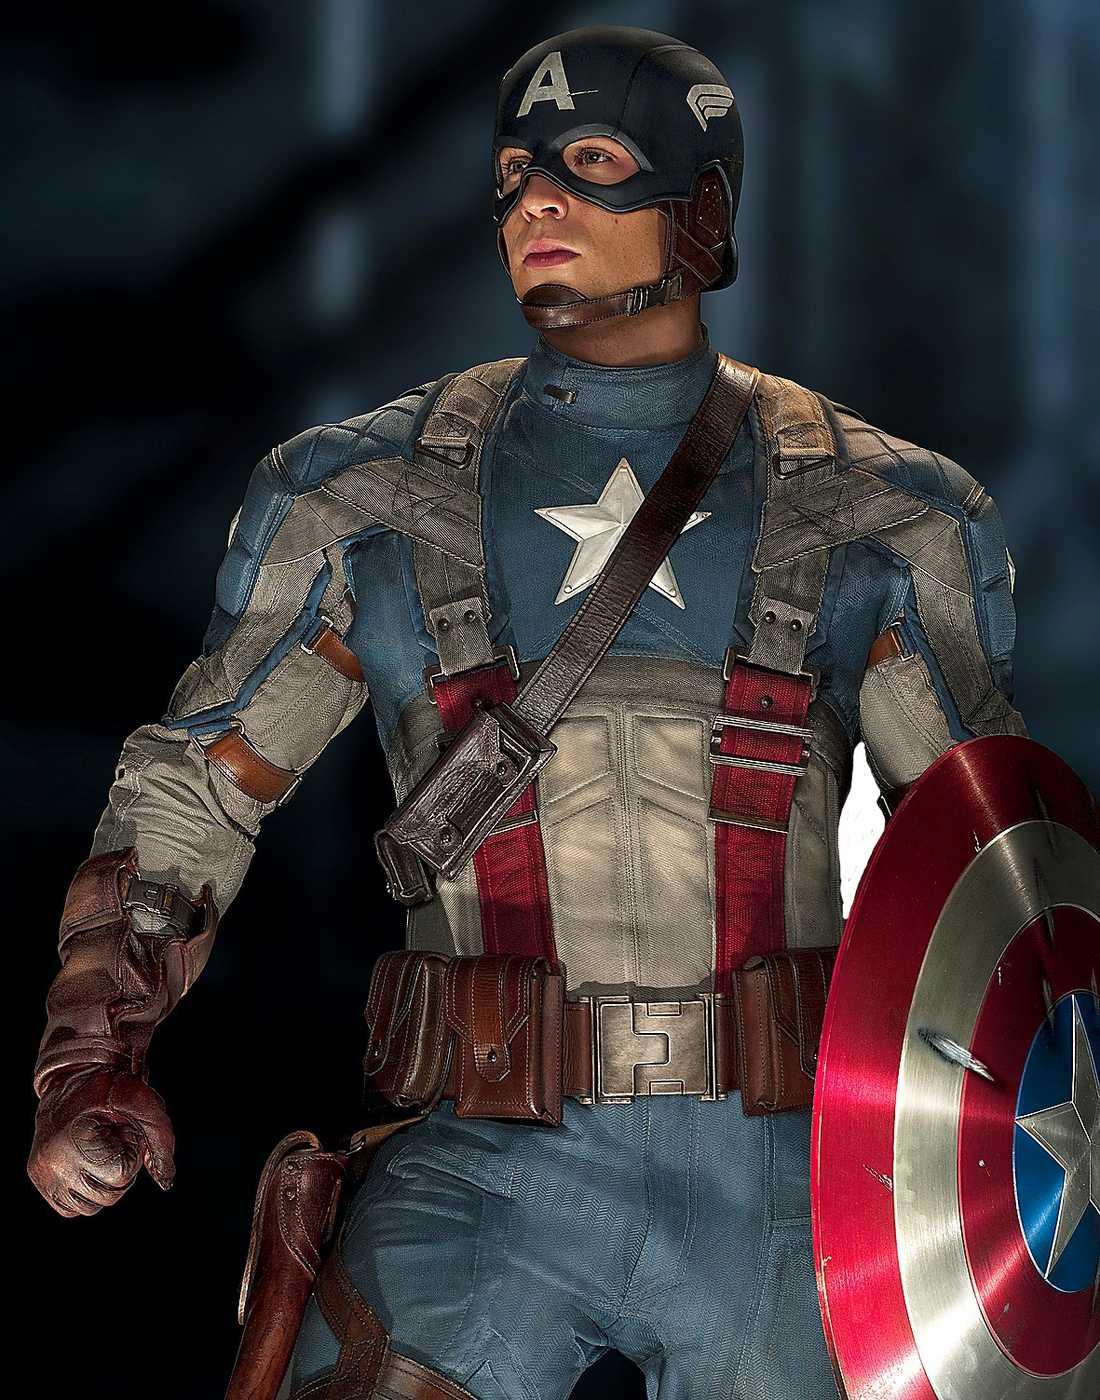 Captain America The first avenger: Chris Evans förvandlas till superhjälte 1942. Premiär 12 augusti.